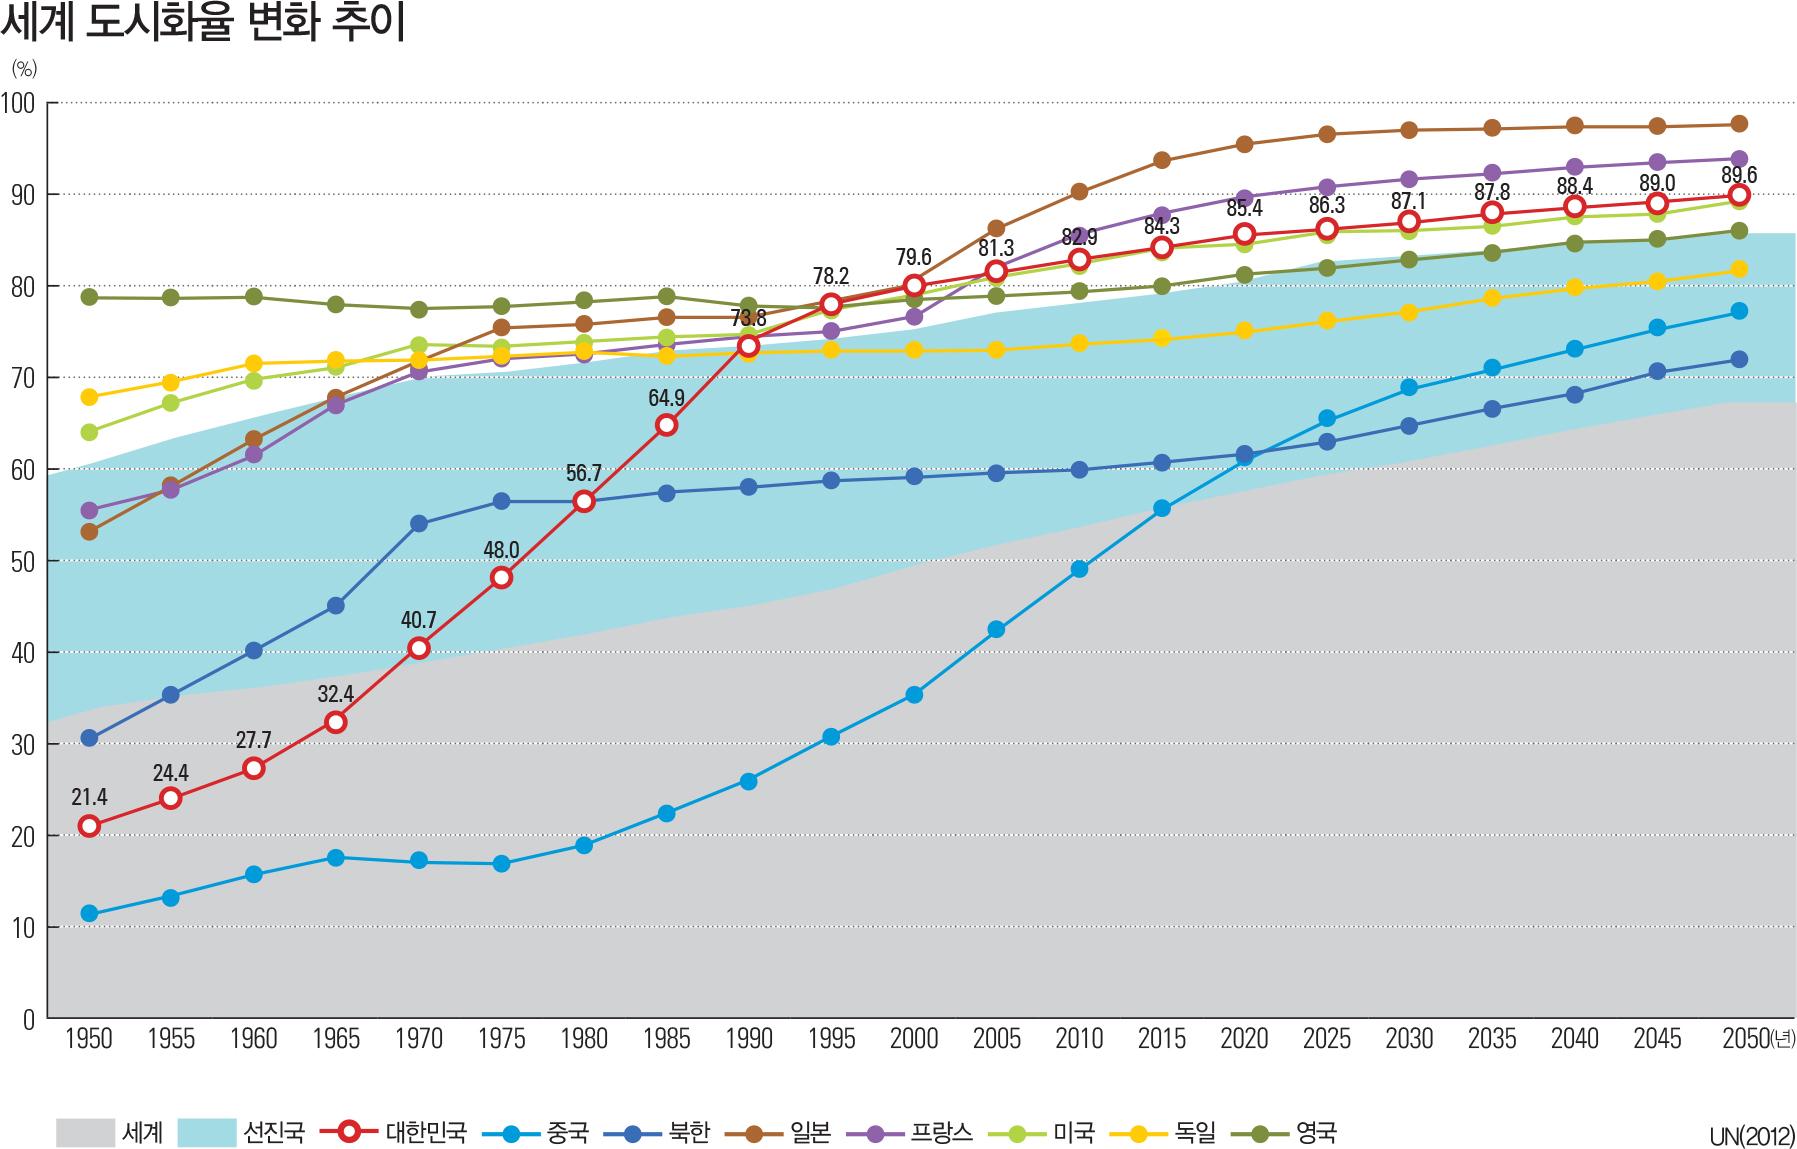 세계 도시화율 변화 추이